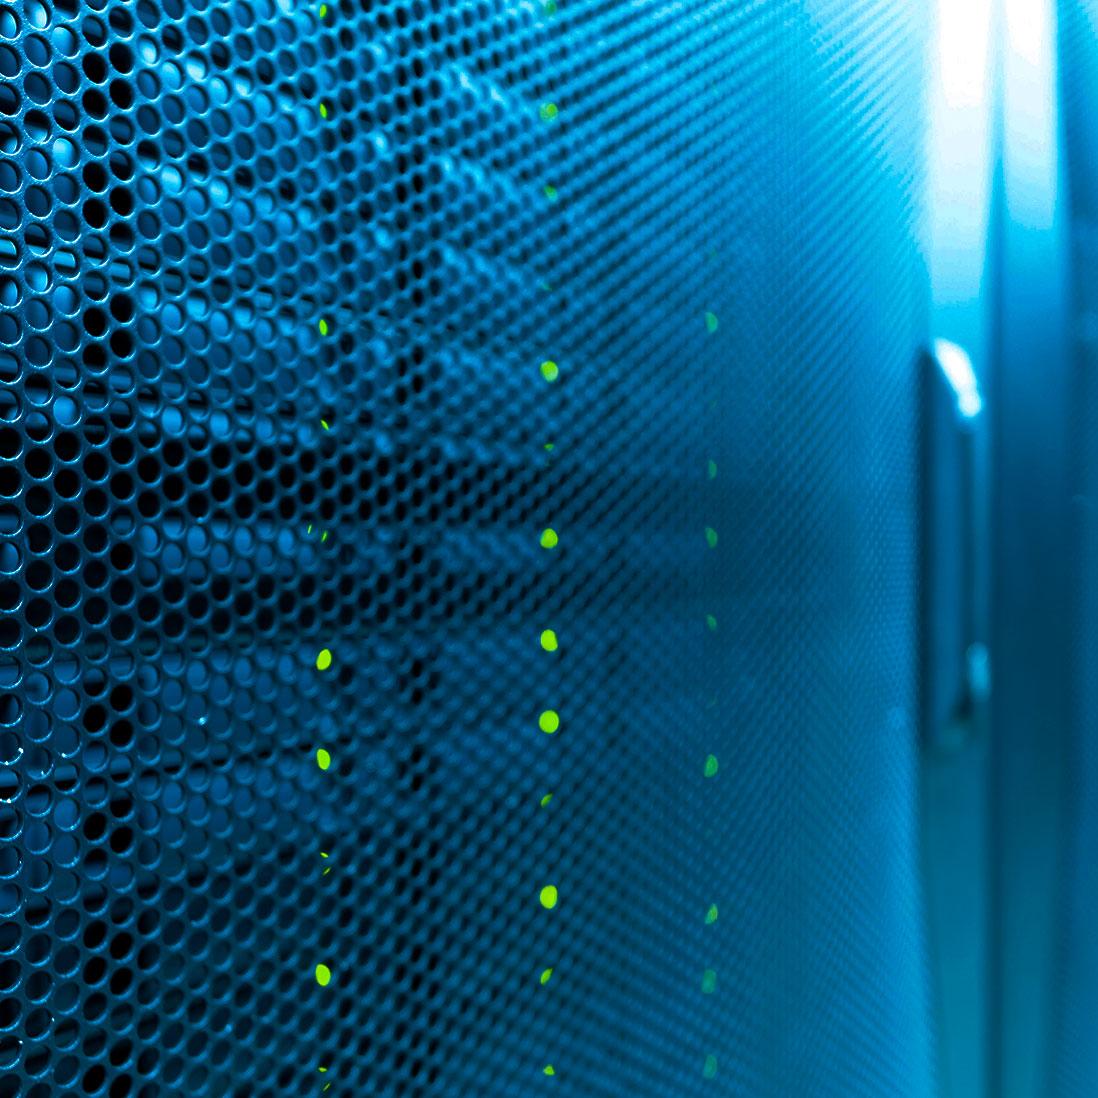 Lösung Datensicherung Backup Fileserver Verschlüsselung